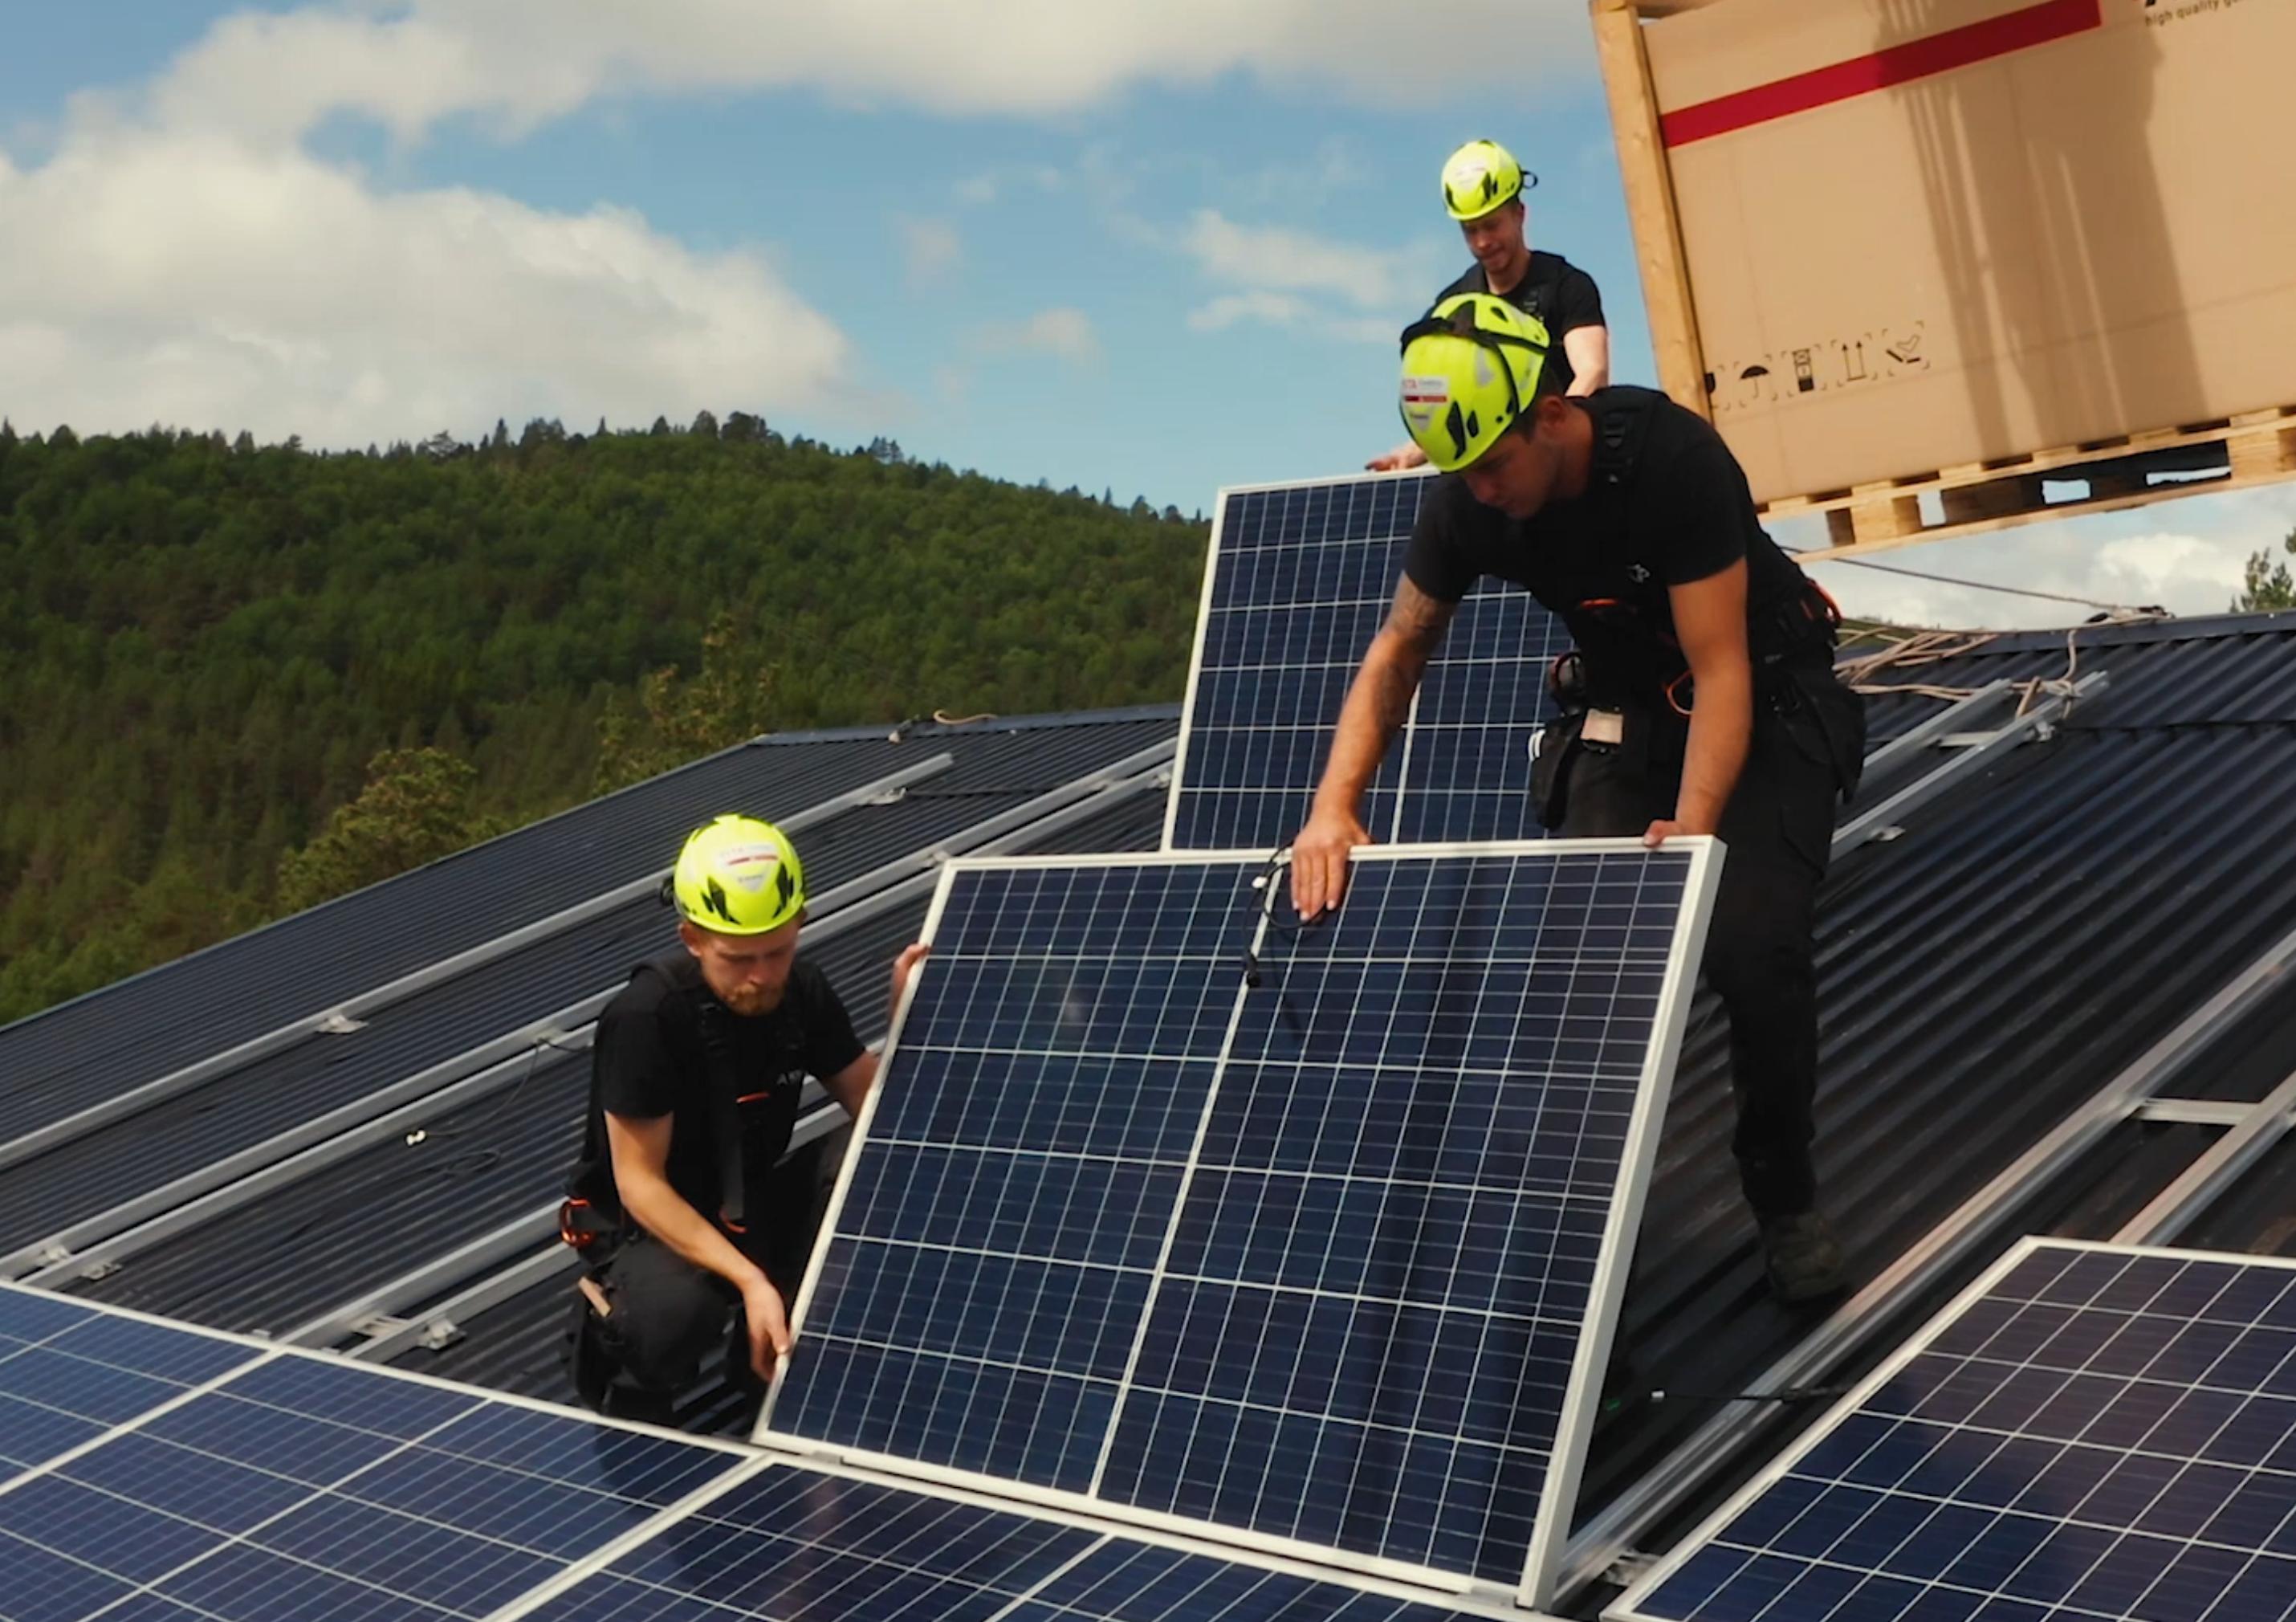 Tre montører monterer solcelleanlegg på et tak.